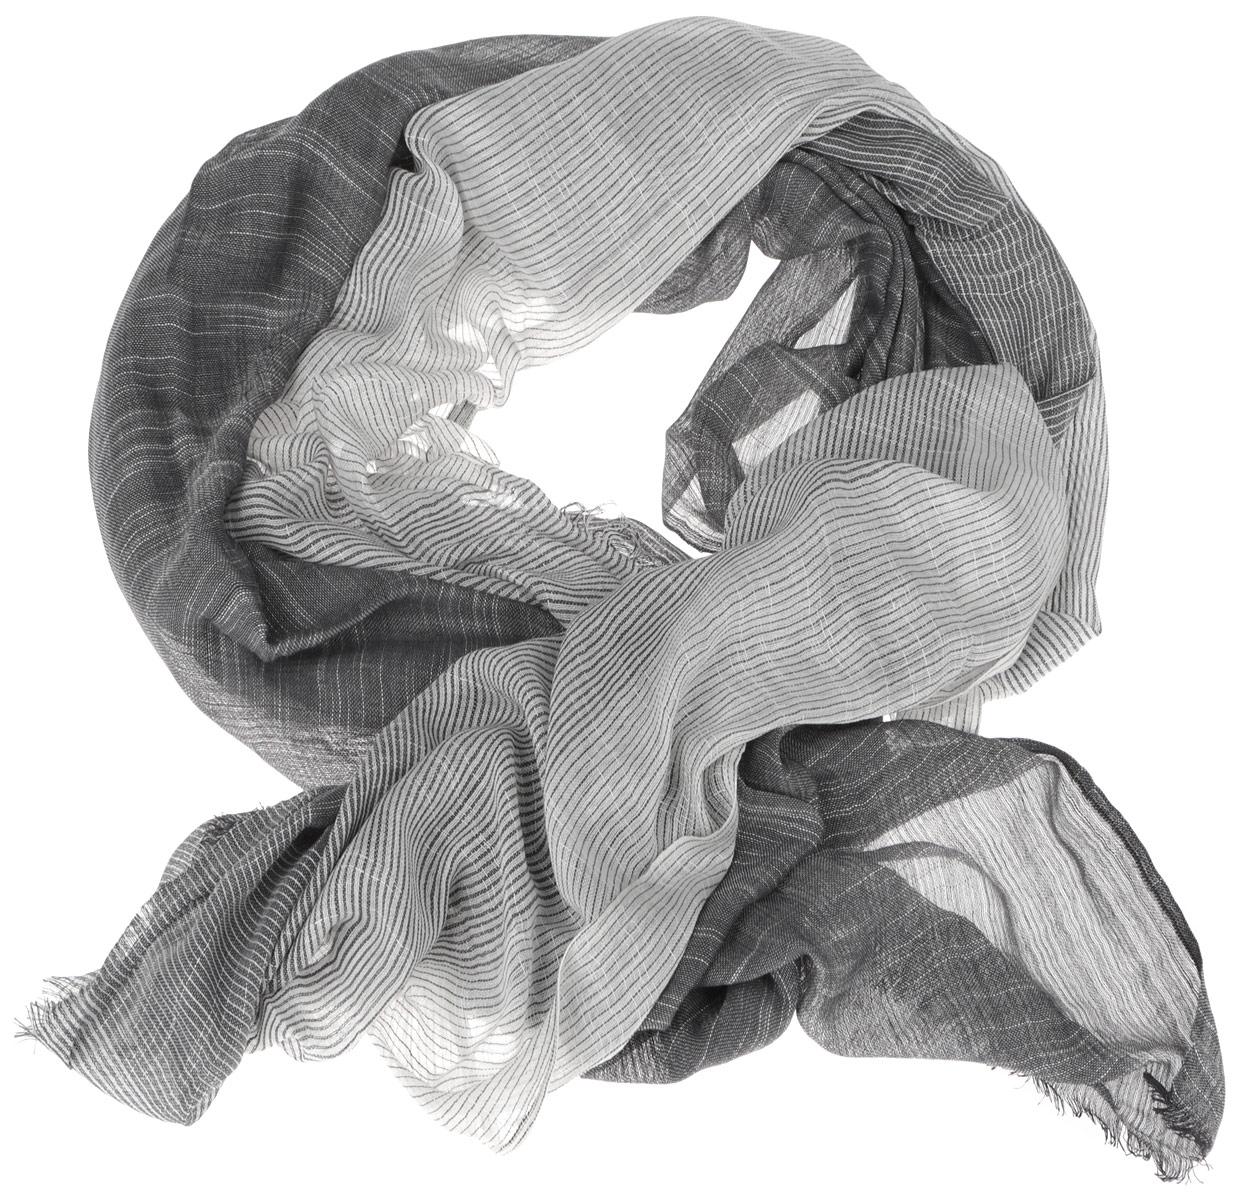 Шарф мужской. TUTM063TUTM063-2Элегантный мужской шарф Fabretti согреет вас в холодное время года, а также станет изысканным аксессуаром, который призван подчеркнуть ваш стиль и индивидуальность. Оригинальный легкий шарф выполнен из натурального хлопка и оформлен оригинальным цветовым градиентом с полосками. Такой шарф станет превосходным дополнением к любому наряду, защитит вас от ветра и холода и позволит вам создать свой неповторимый стиль.